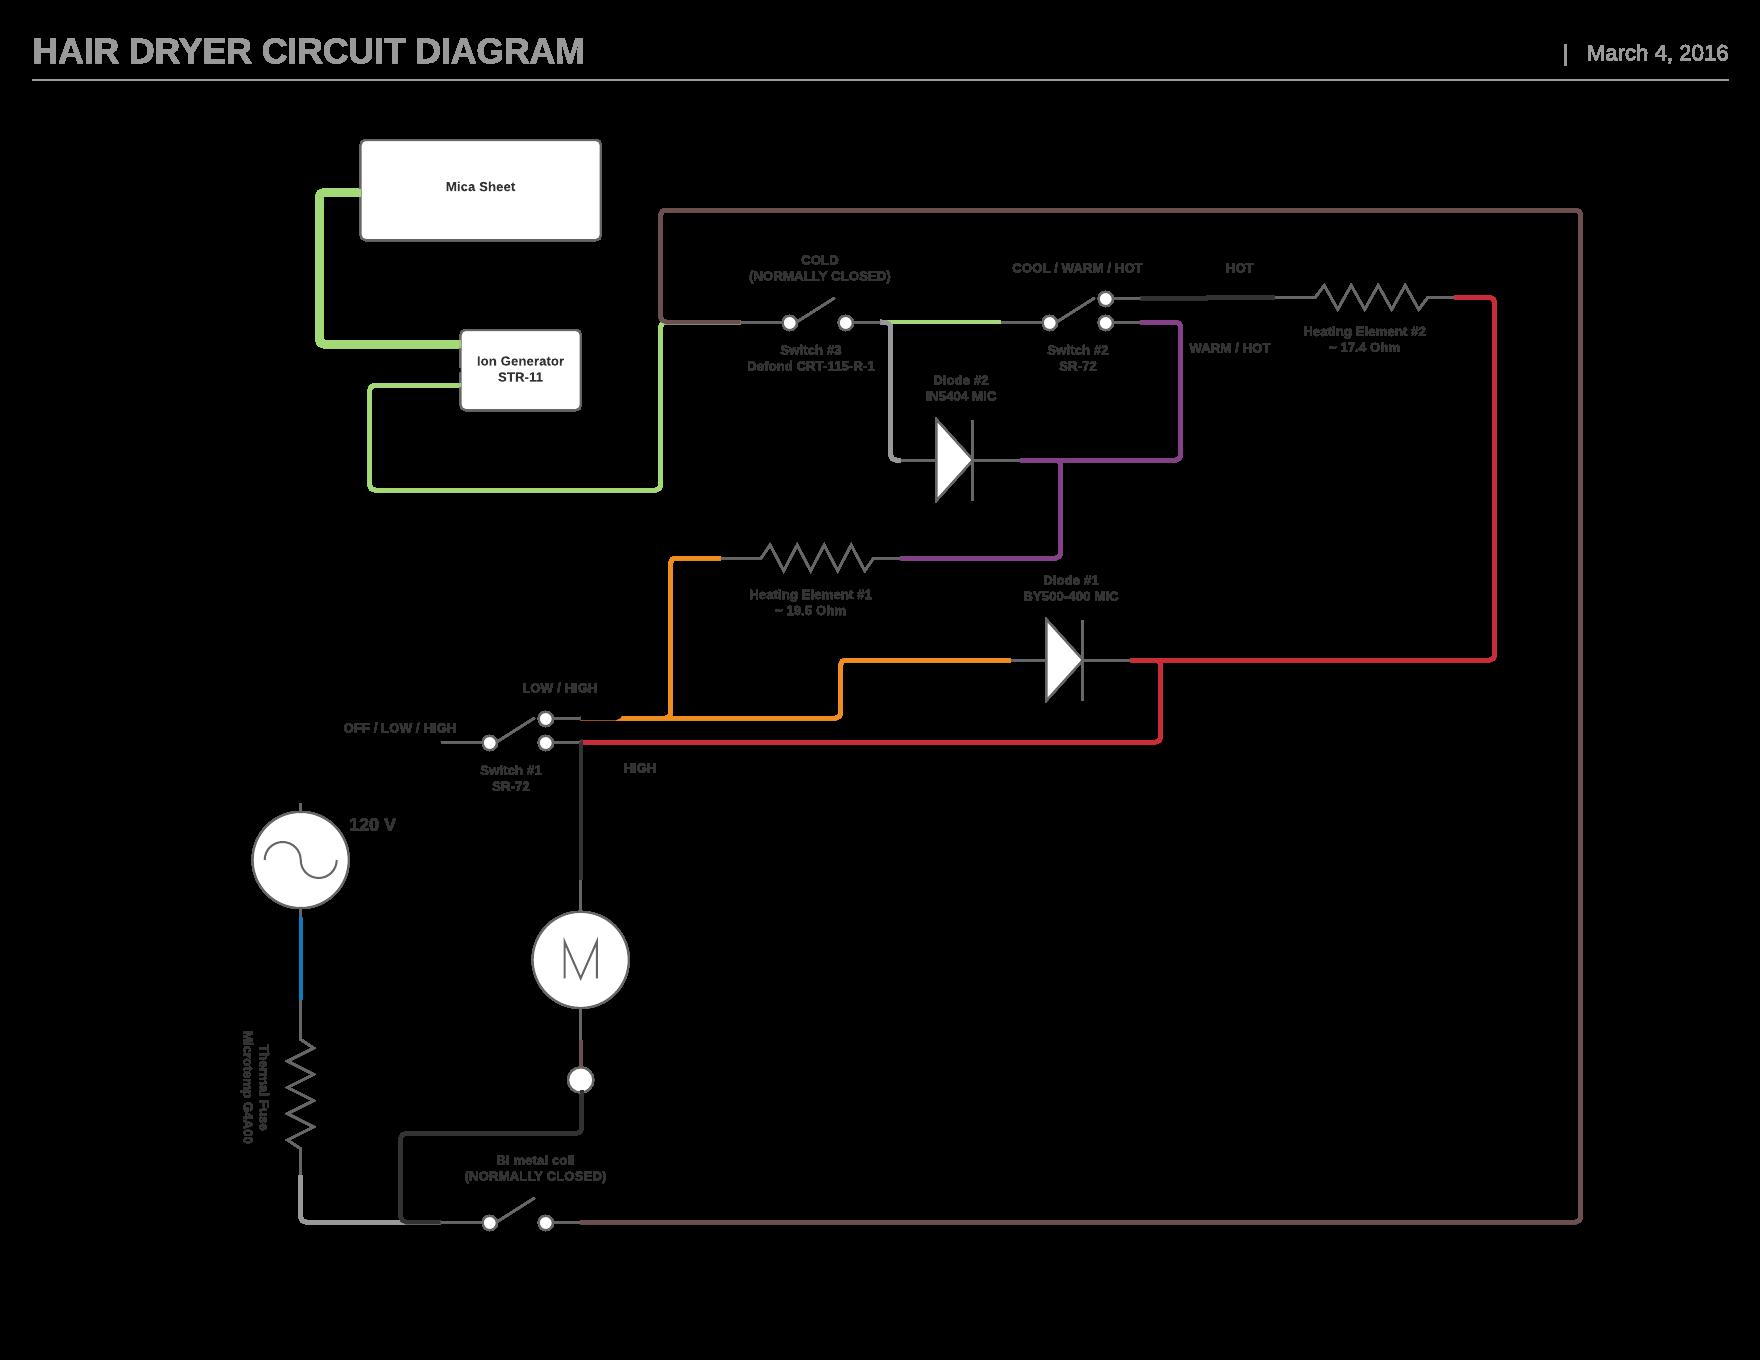 11 Wiring Diagram For 220 Volt Dryer Outlet References Https Bacamajalah Com 11 Wiring Diagram For 220 Volt Dryer Outlet R Diagram Dryer Outlet Electricity